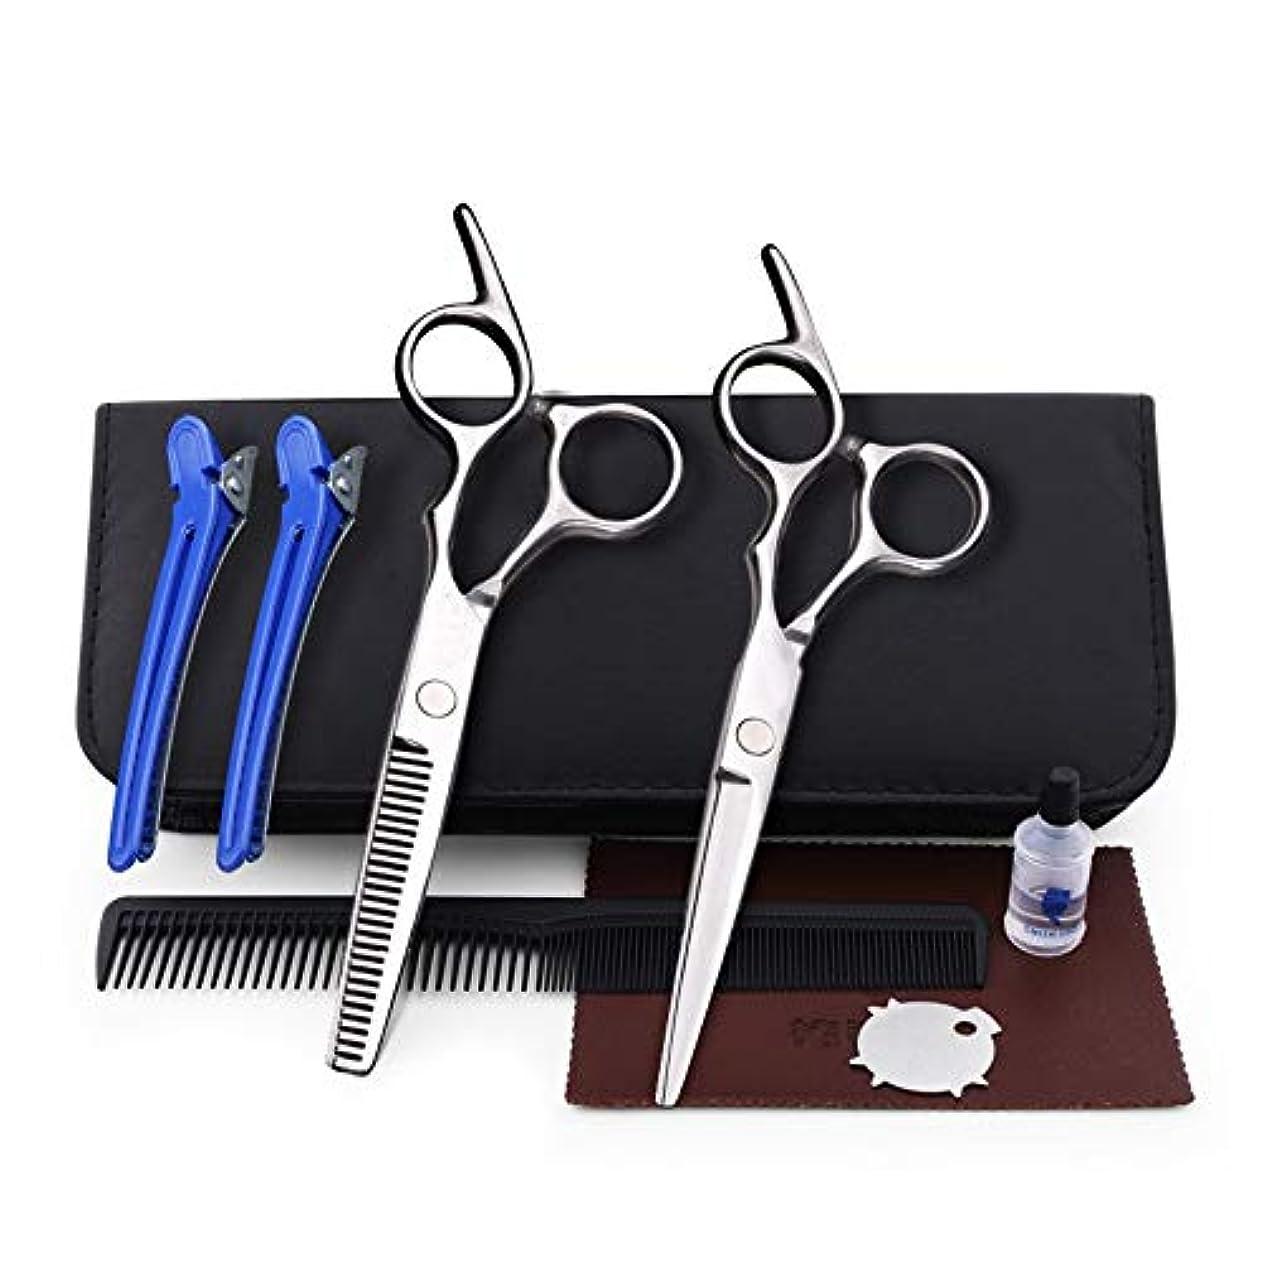 6.0インチ理髪はさみ、ヘアーサロンファミリーはさみセットフラット+歯はさみセットコンビネーションツールセット ヘアケア (色 : Silver)